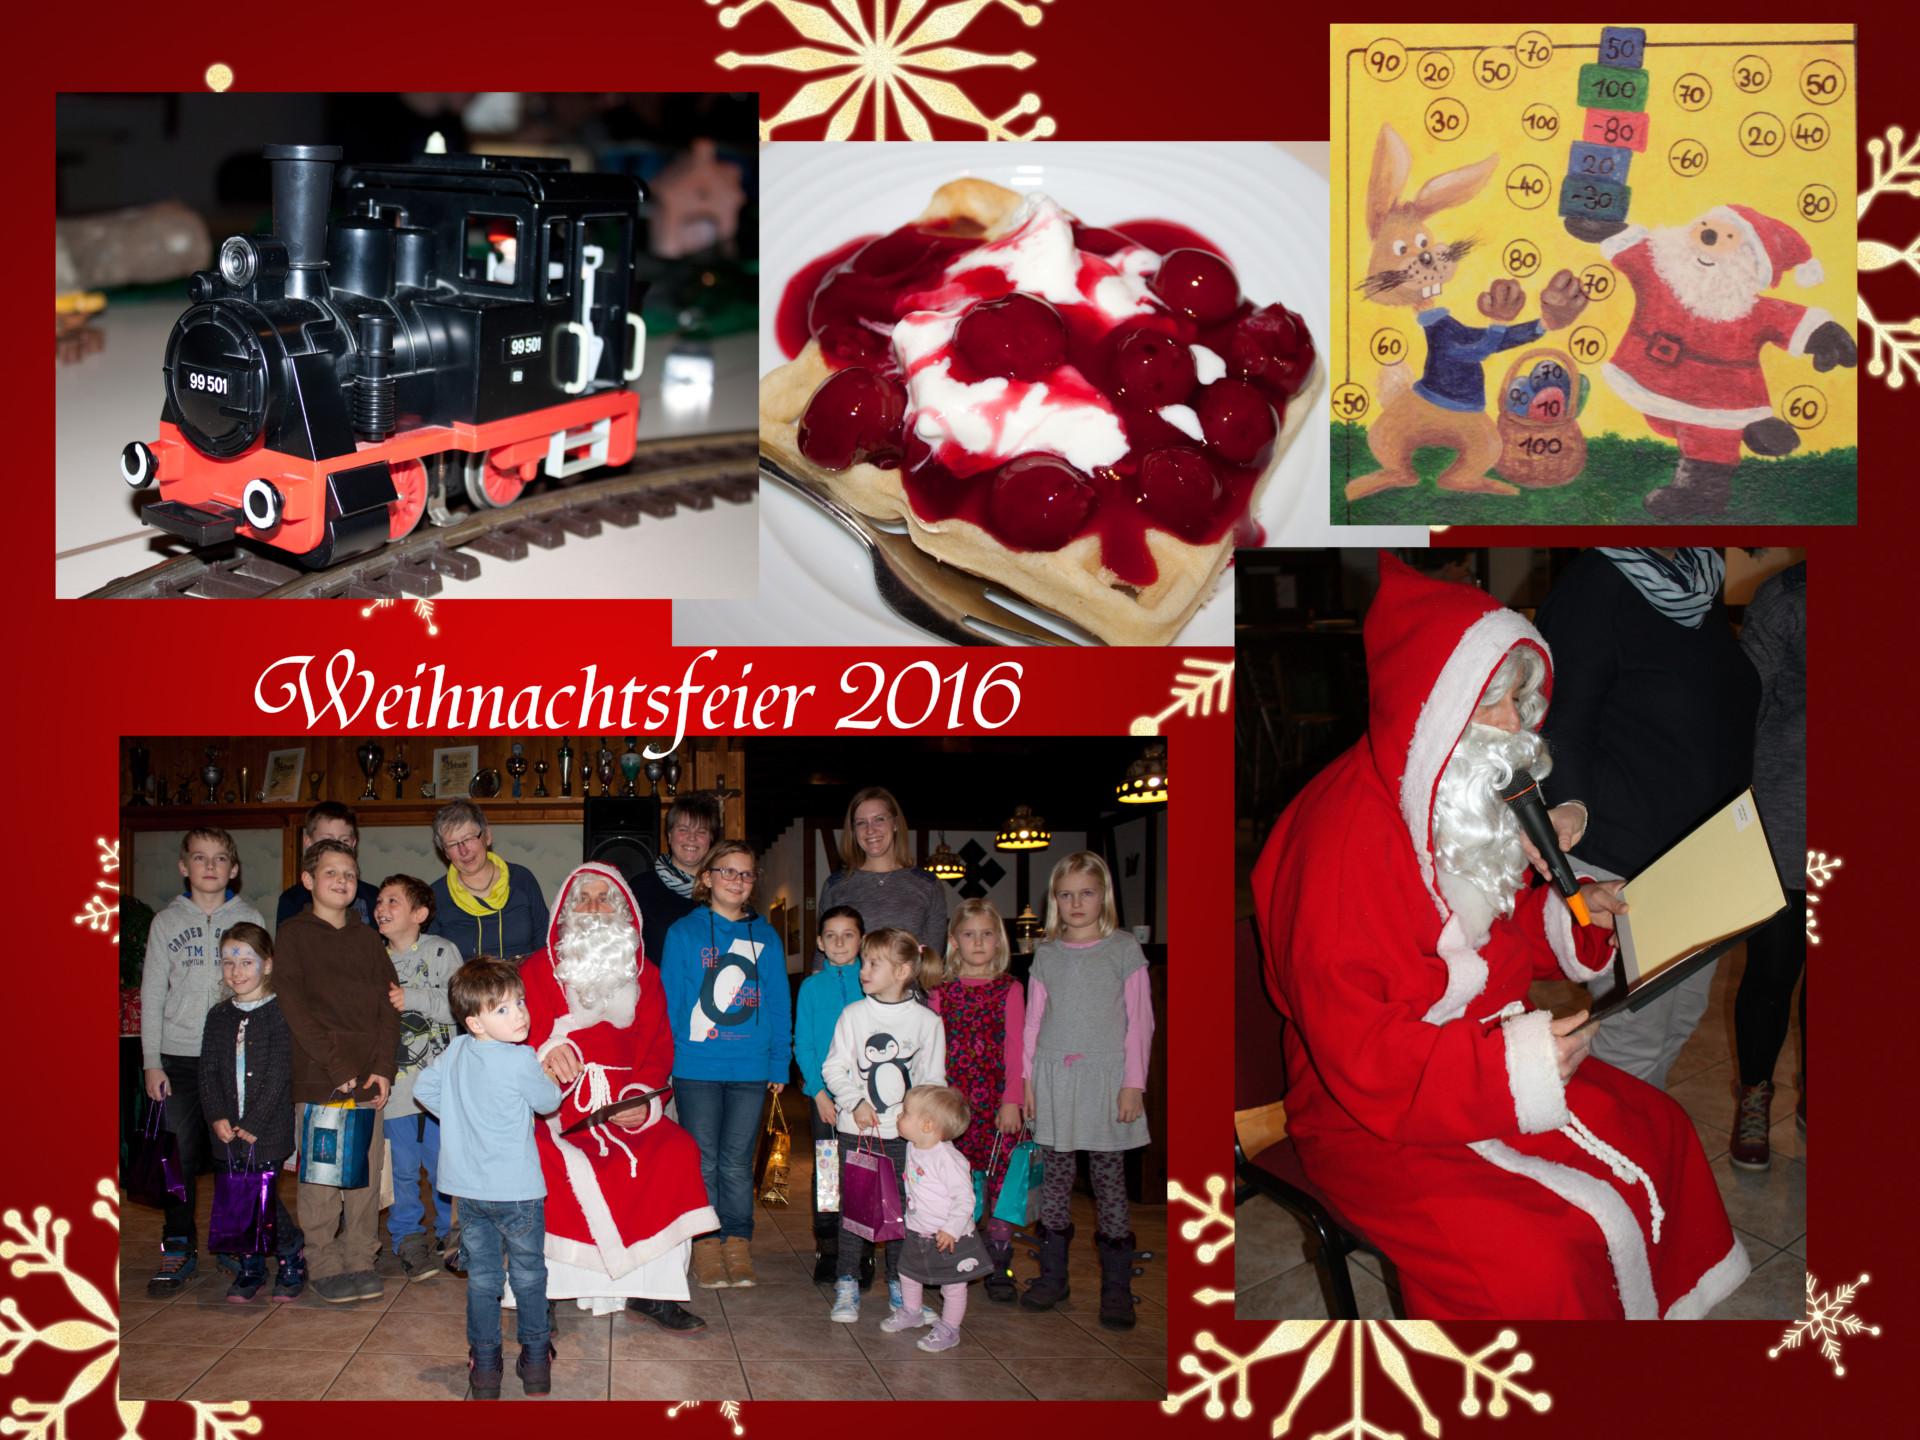 weihnachtsfeier-2016-collage_bearbeitet-1